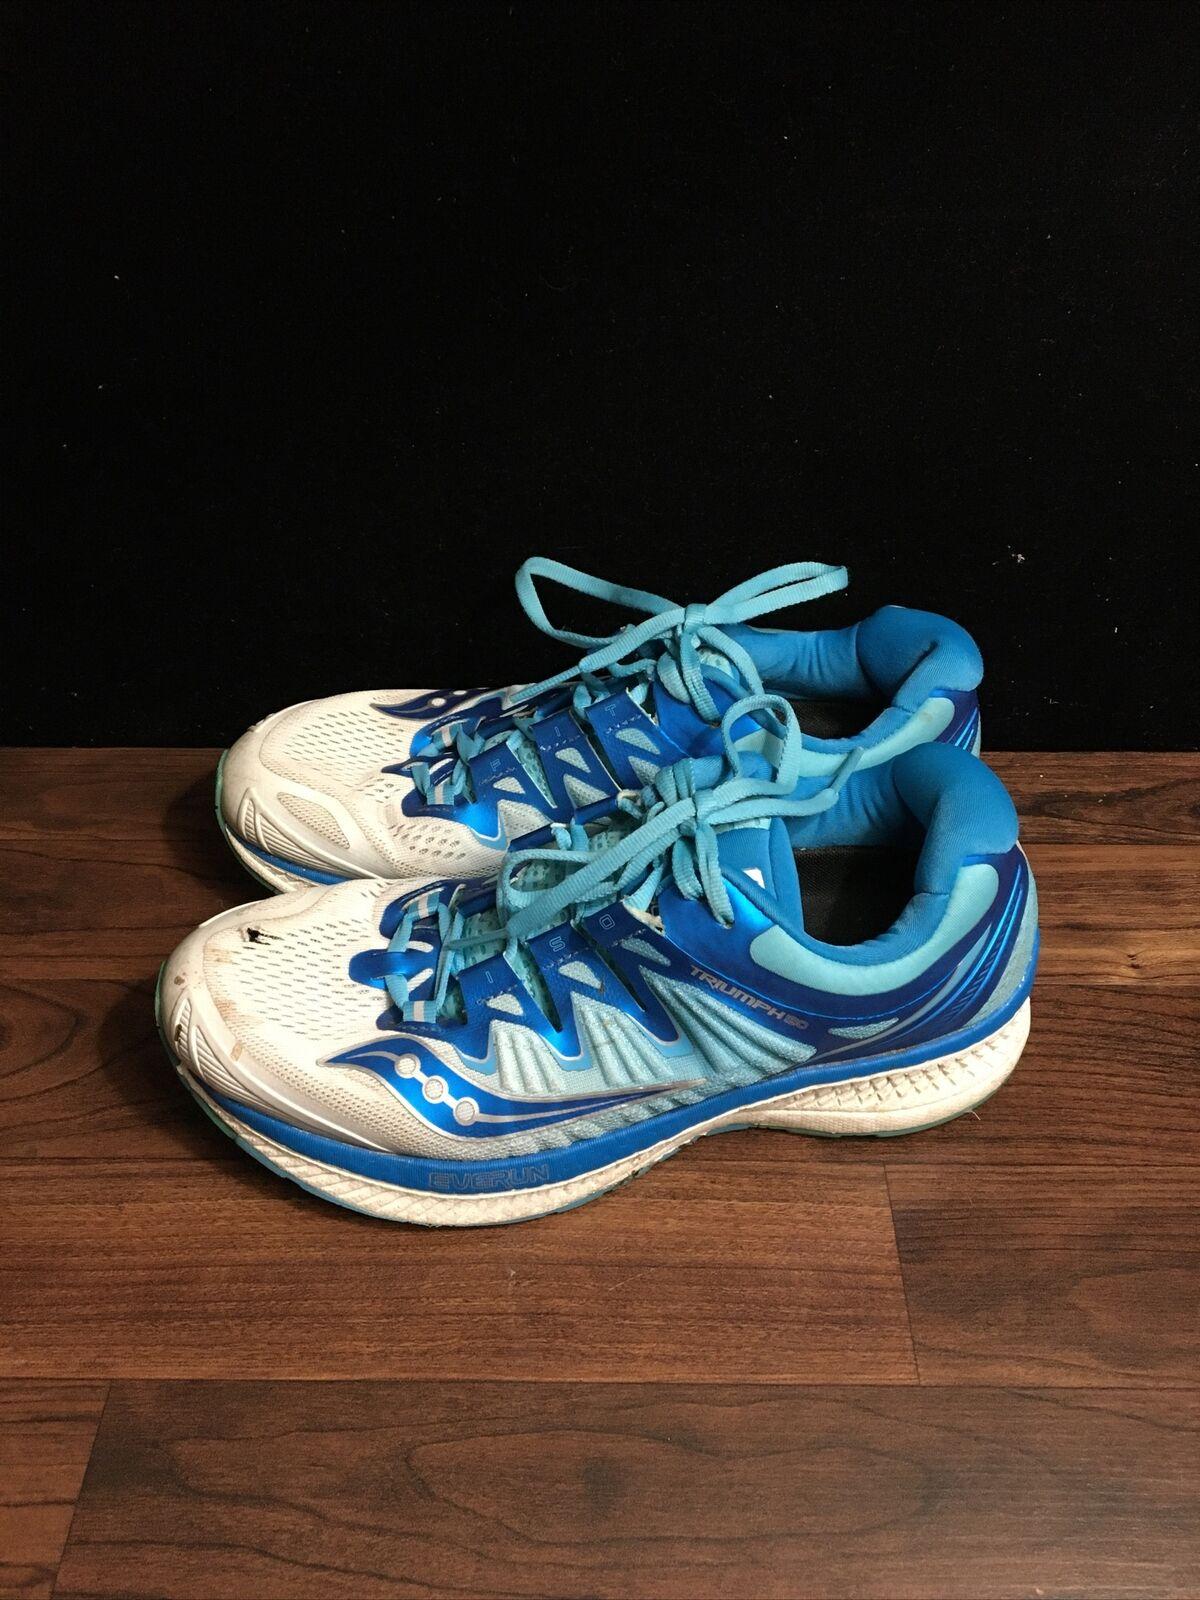 Saucony Triumph ISO jamais exécuter everrun bleu chaussures de course pour femme SZ 10 worn